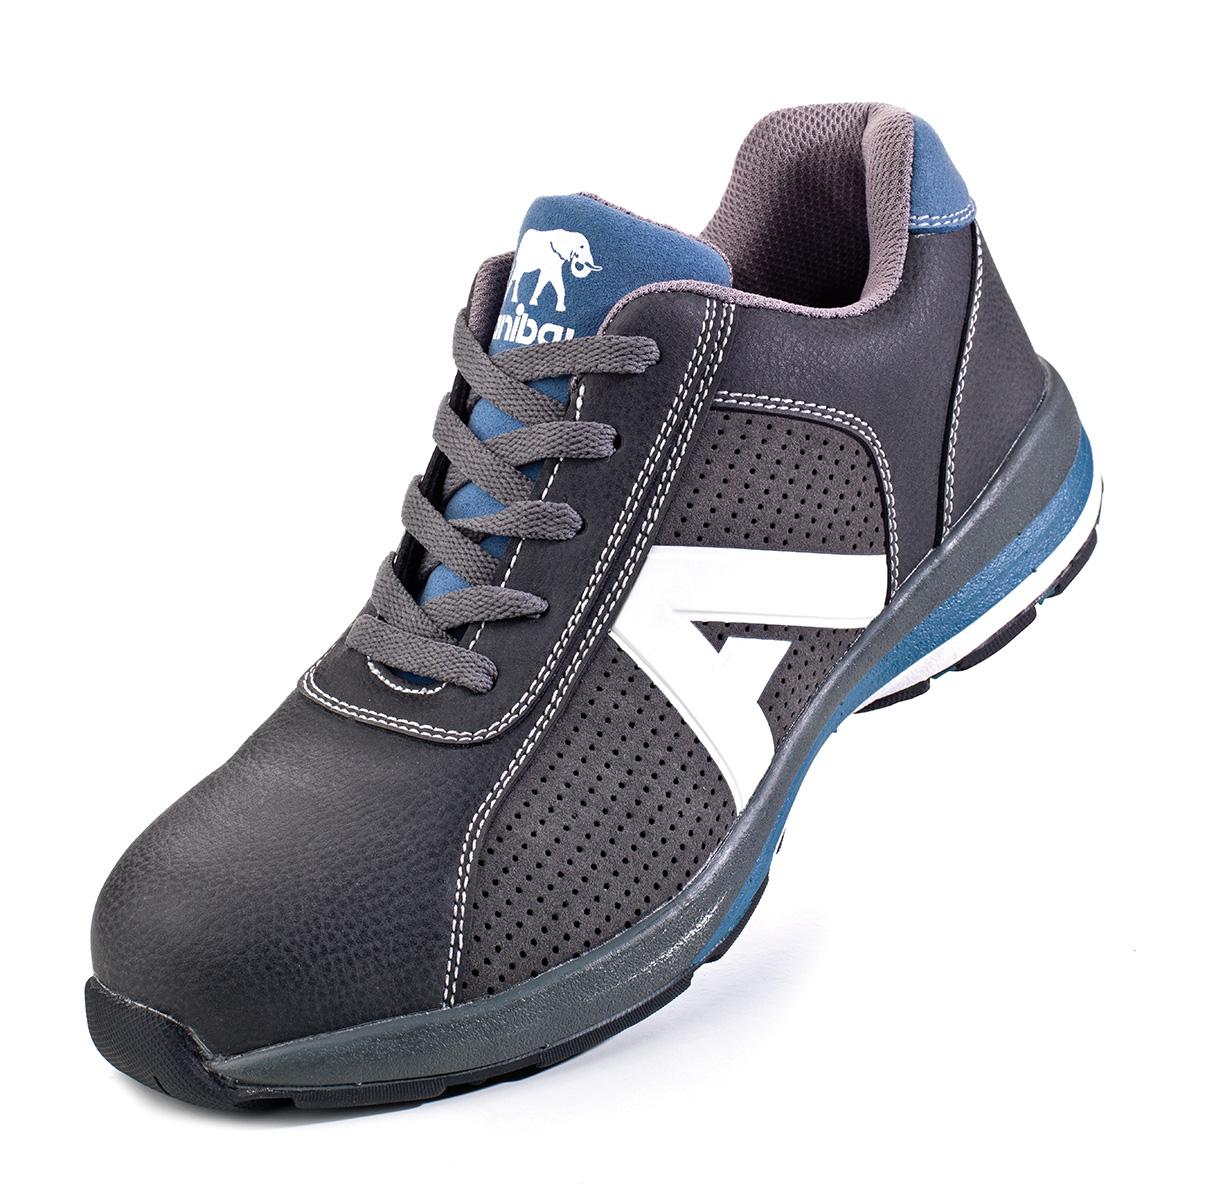 """25545596678 1688-ZO Calzado de Seguridad Sporty Deportivos Metal Free Zapato mod.  """"OLIMPIA"""""""